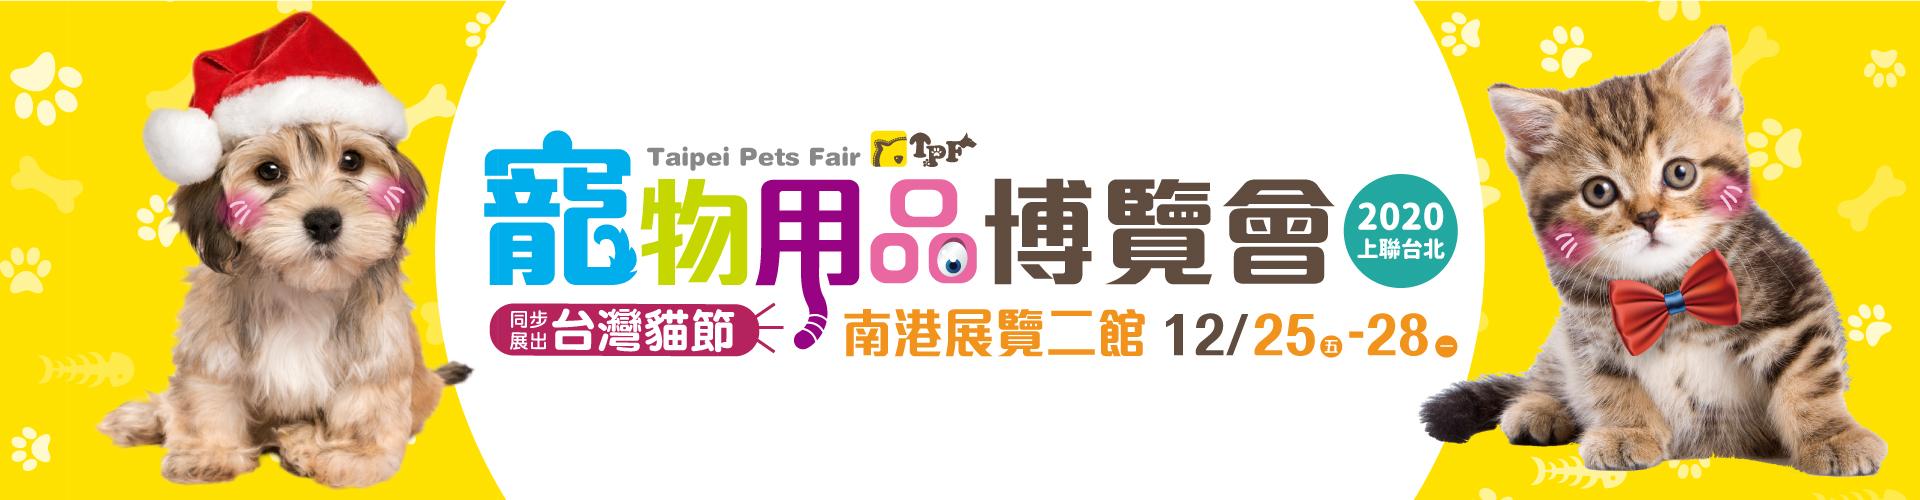 2020上聯台北寵物用品博覽會